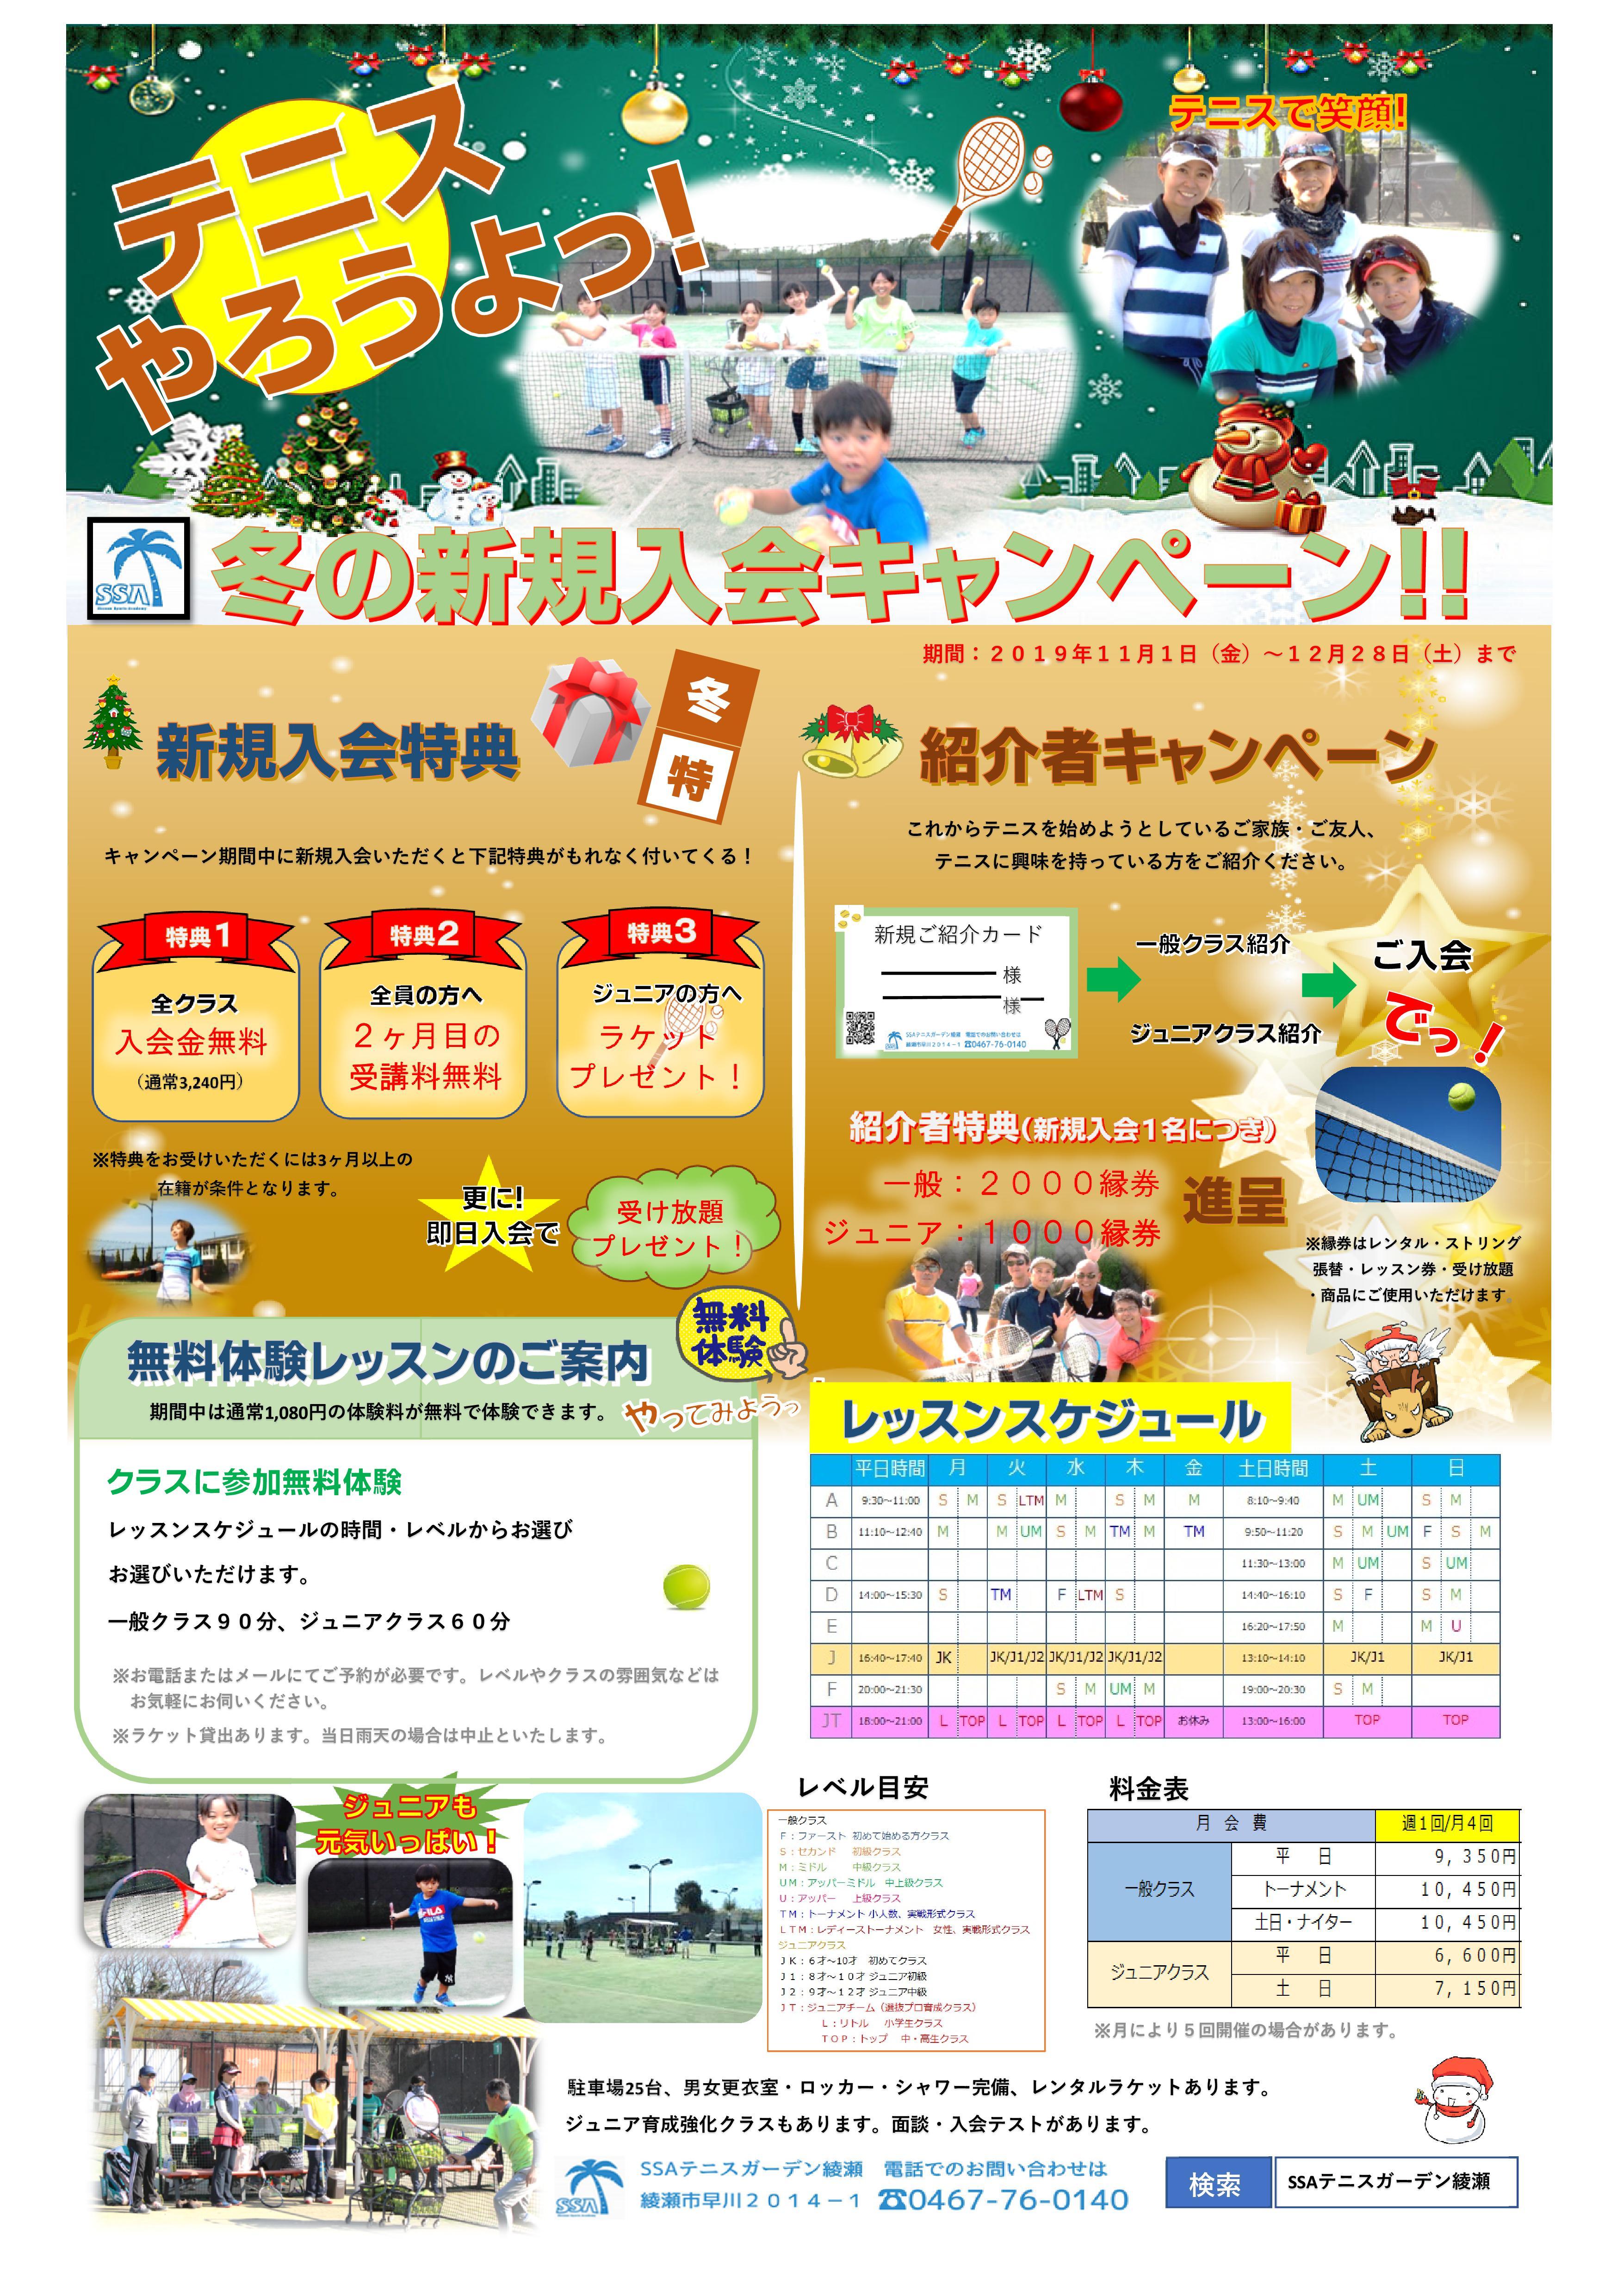 2019年11月 11月新規入会キャンペーン!